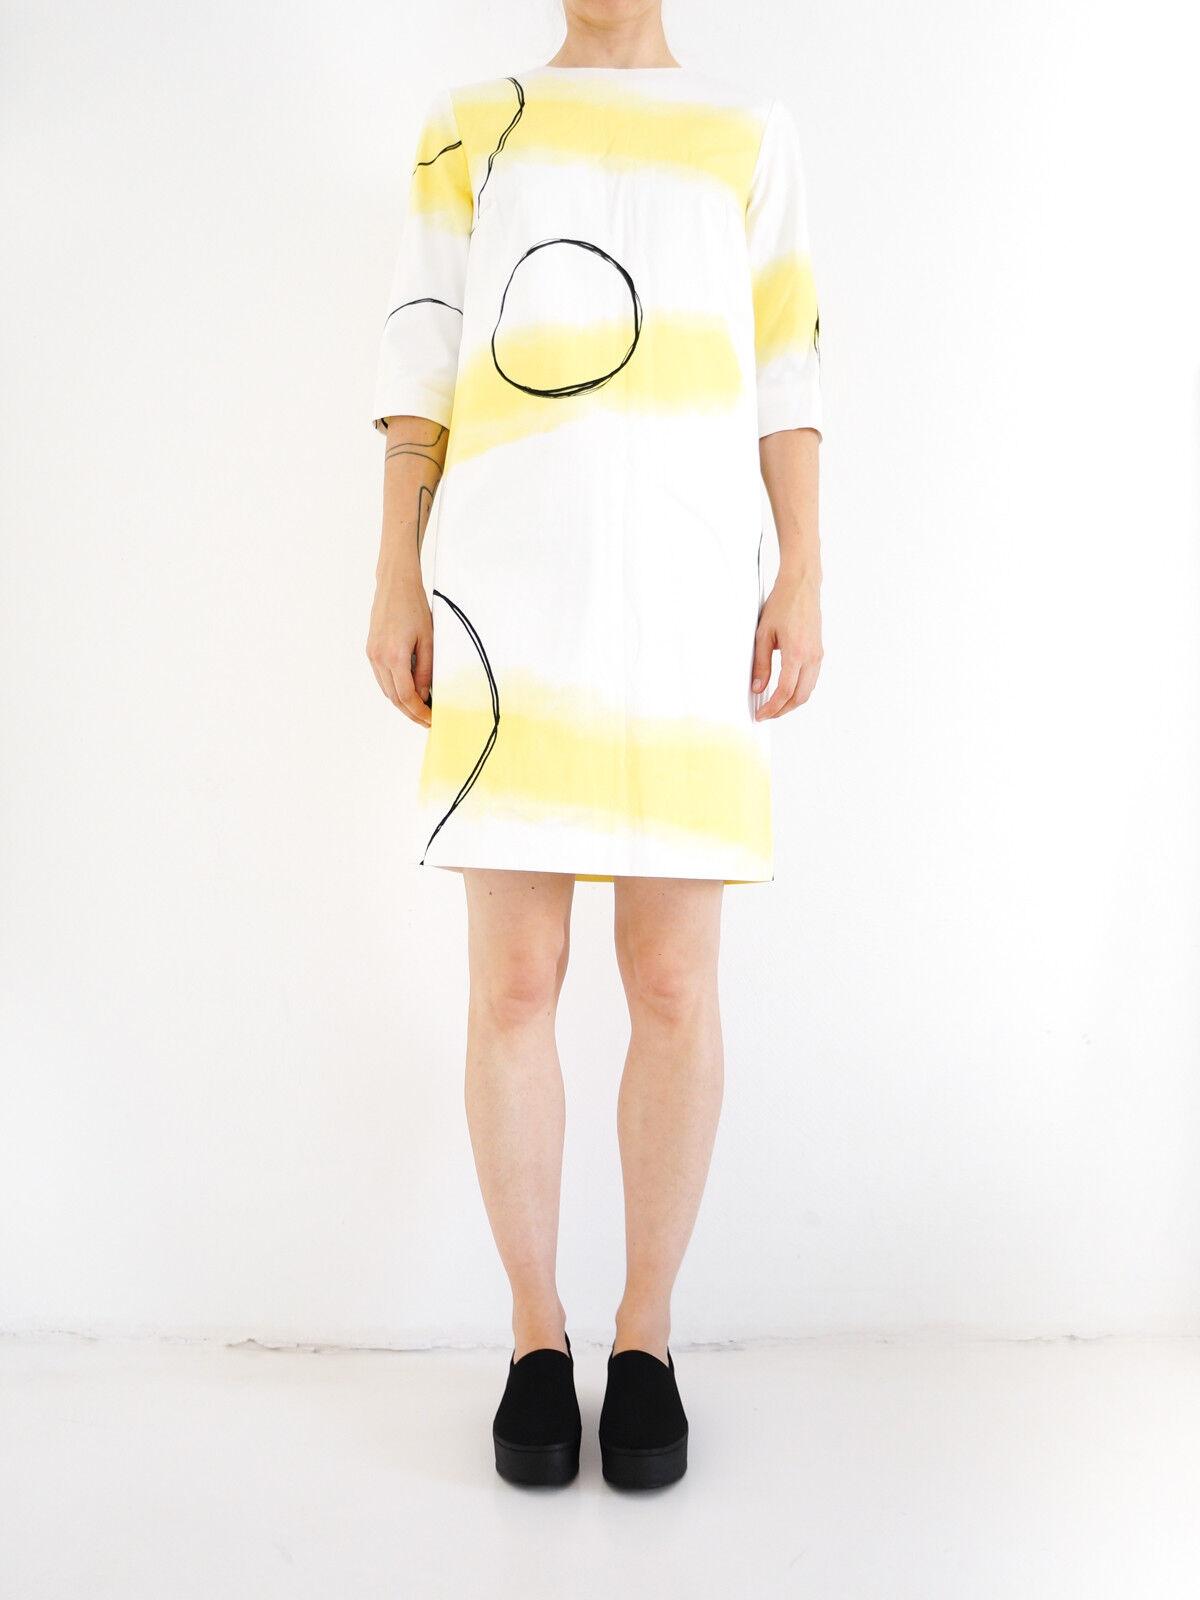 HOF115  COS Kleid baumwolle muster   Printed cotton dress Weiß Gelb 34